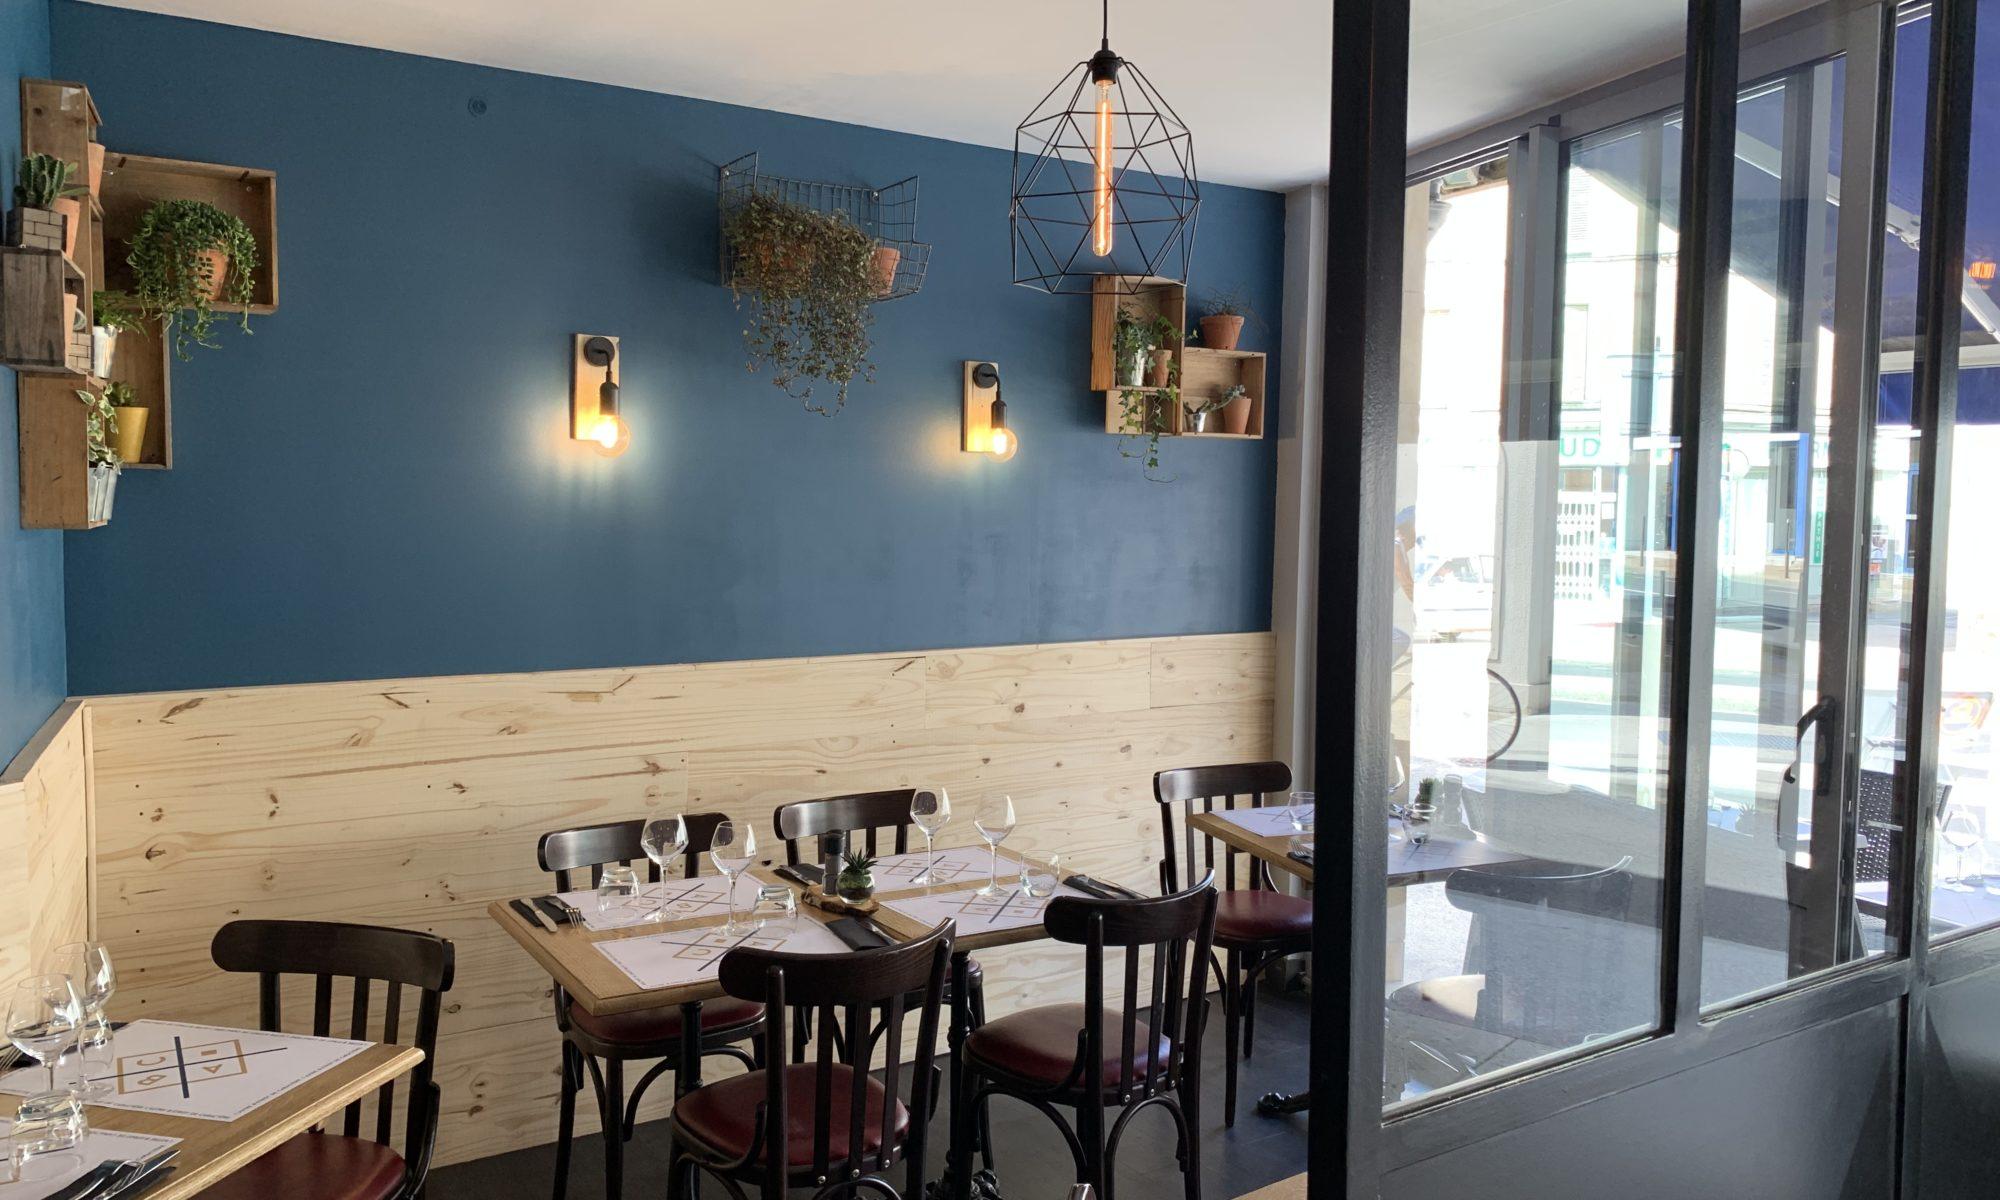 Restaurant Niort L'autre bistrot de caractère ABC 5